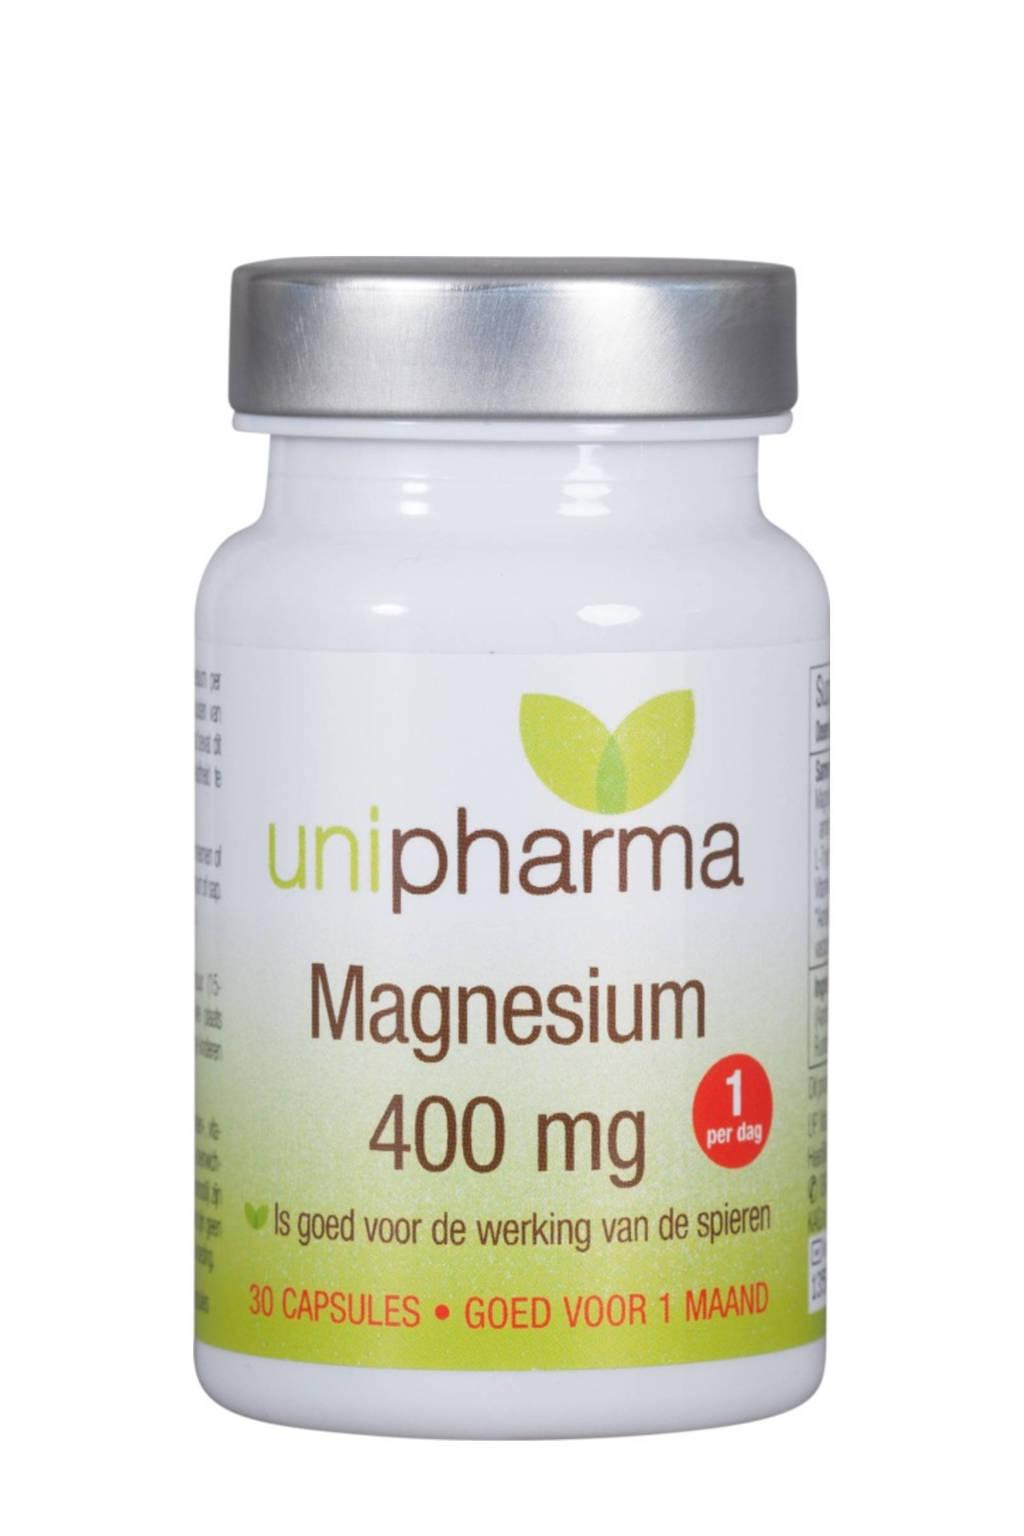 Unipharma Magnesium - 30 capsules